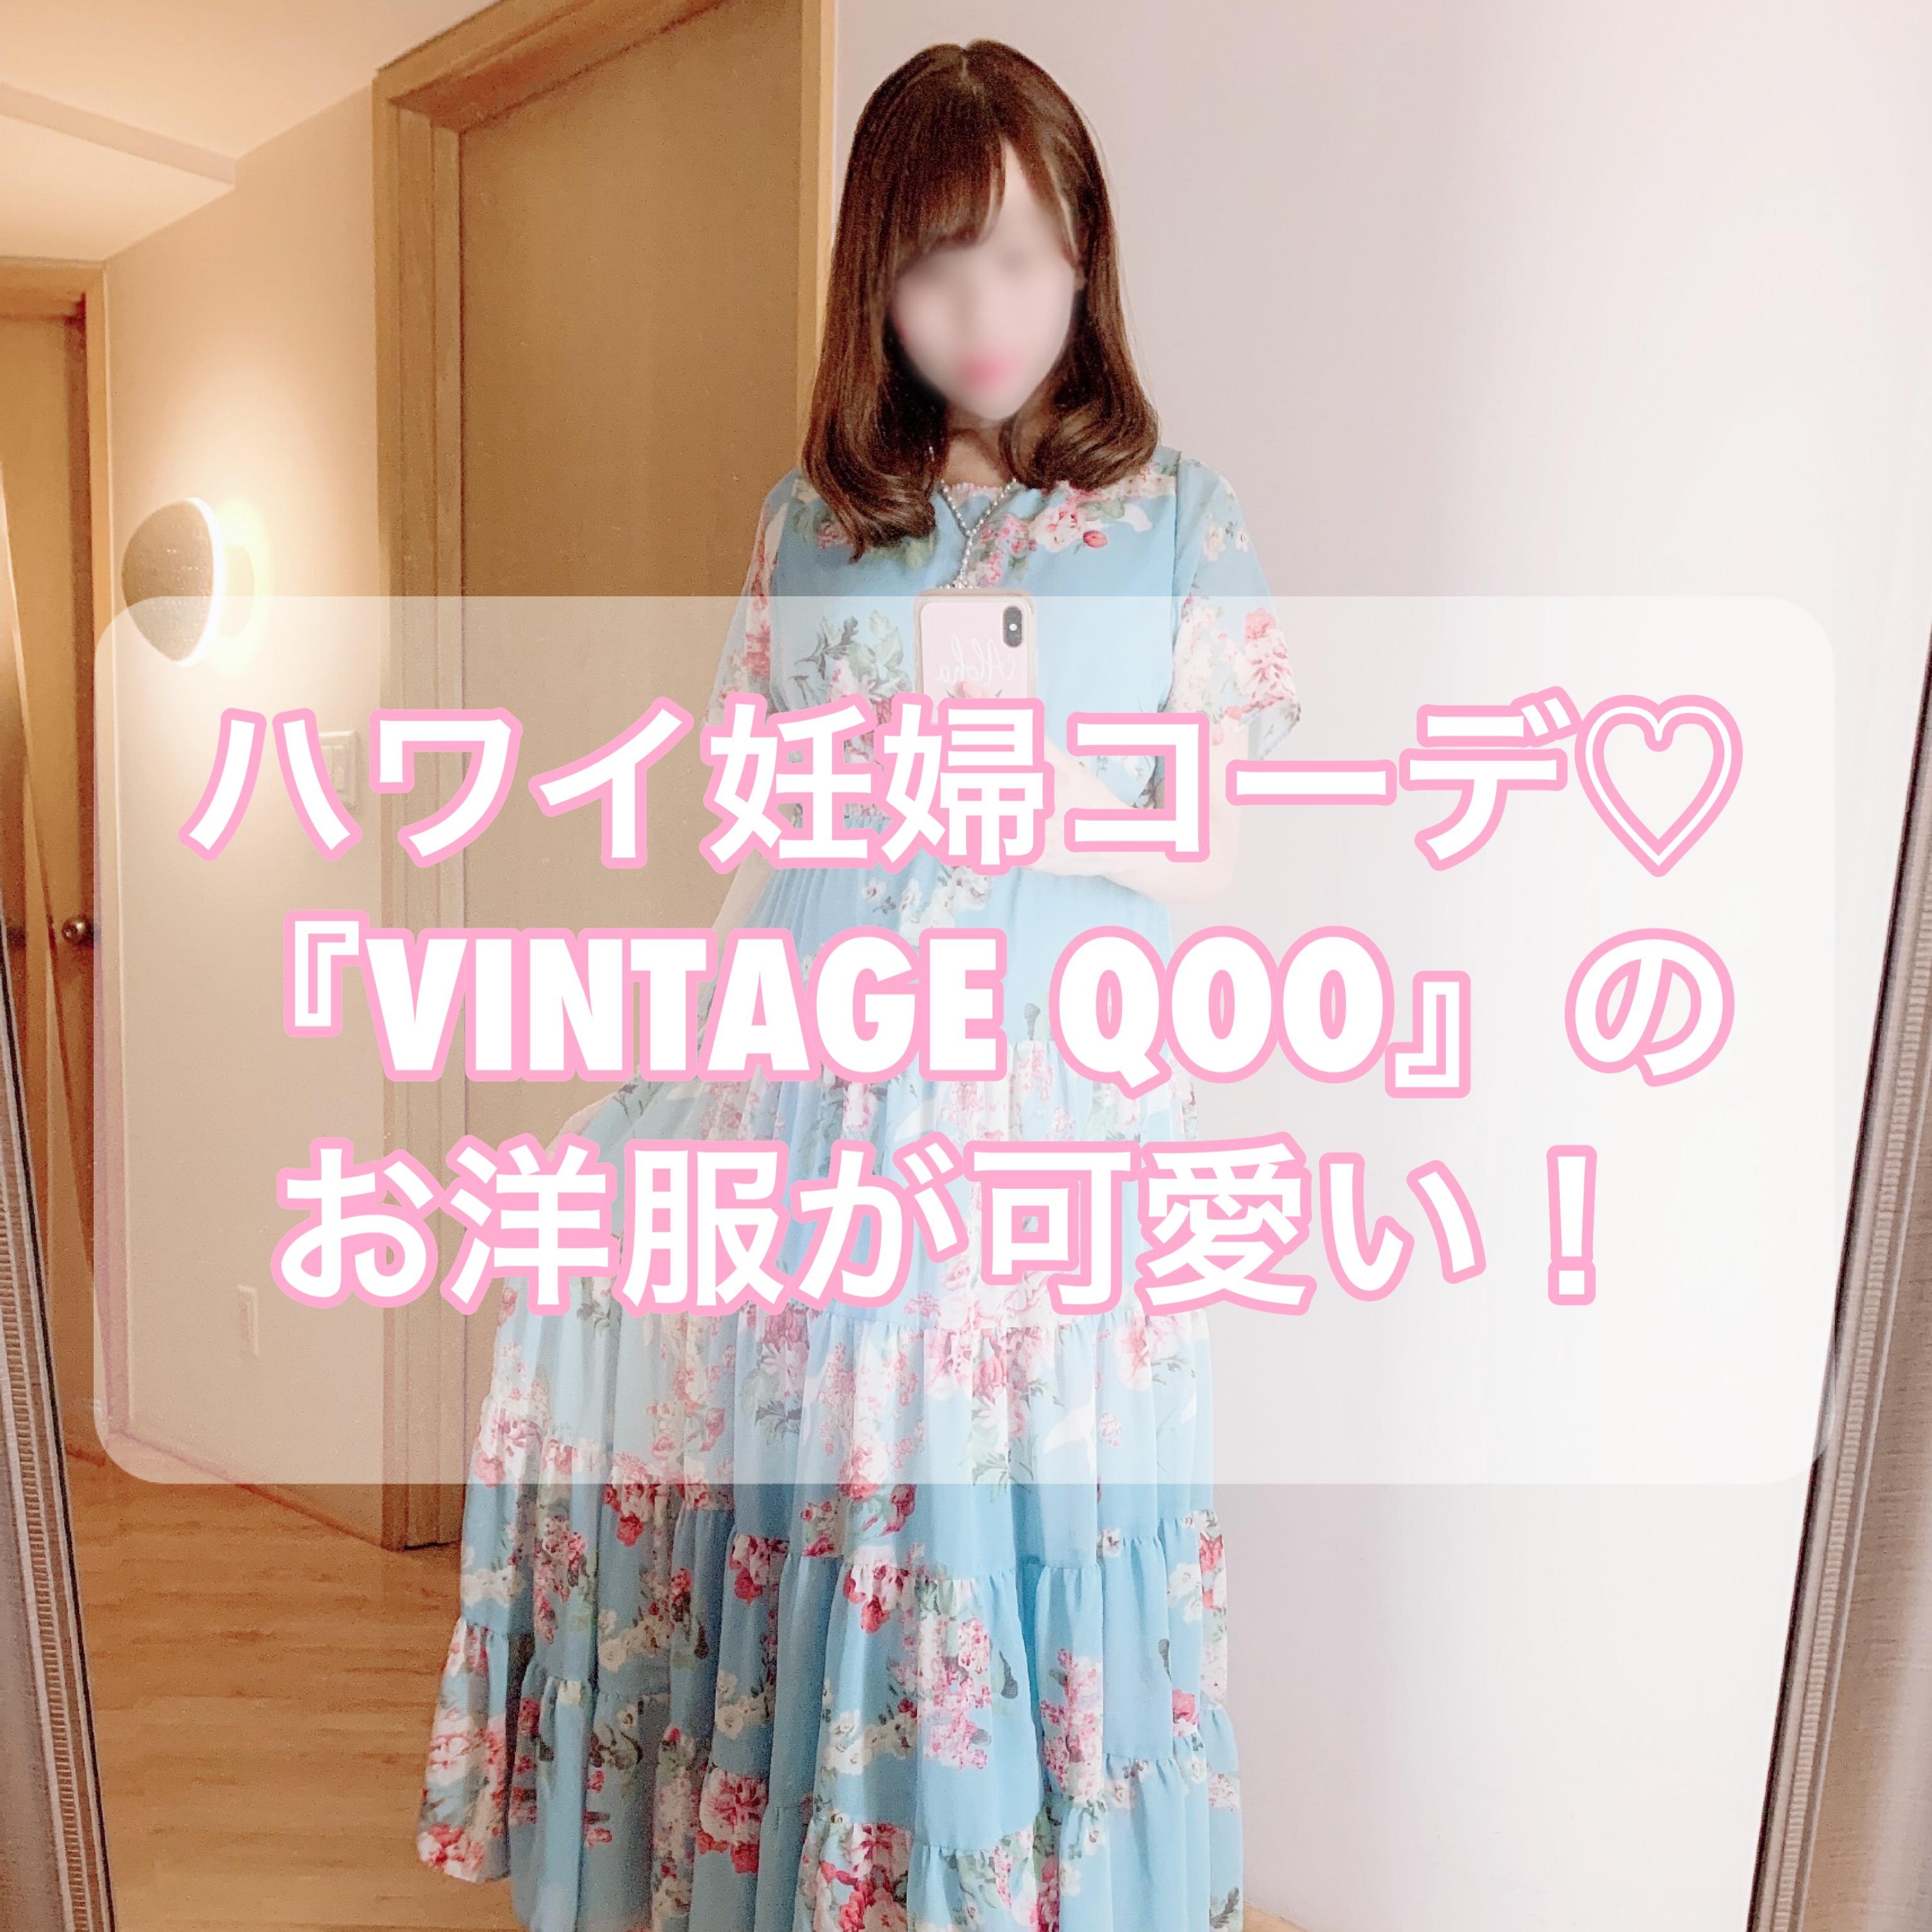 【ファッション】「VINTAGE QOO TOKYO(ヴィンテージ・クー・トーキョー)」がかわいい